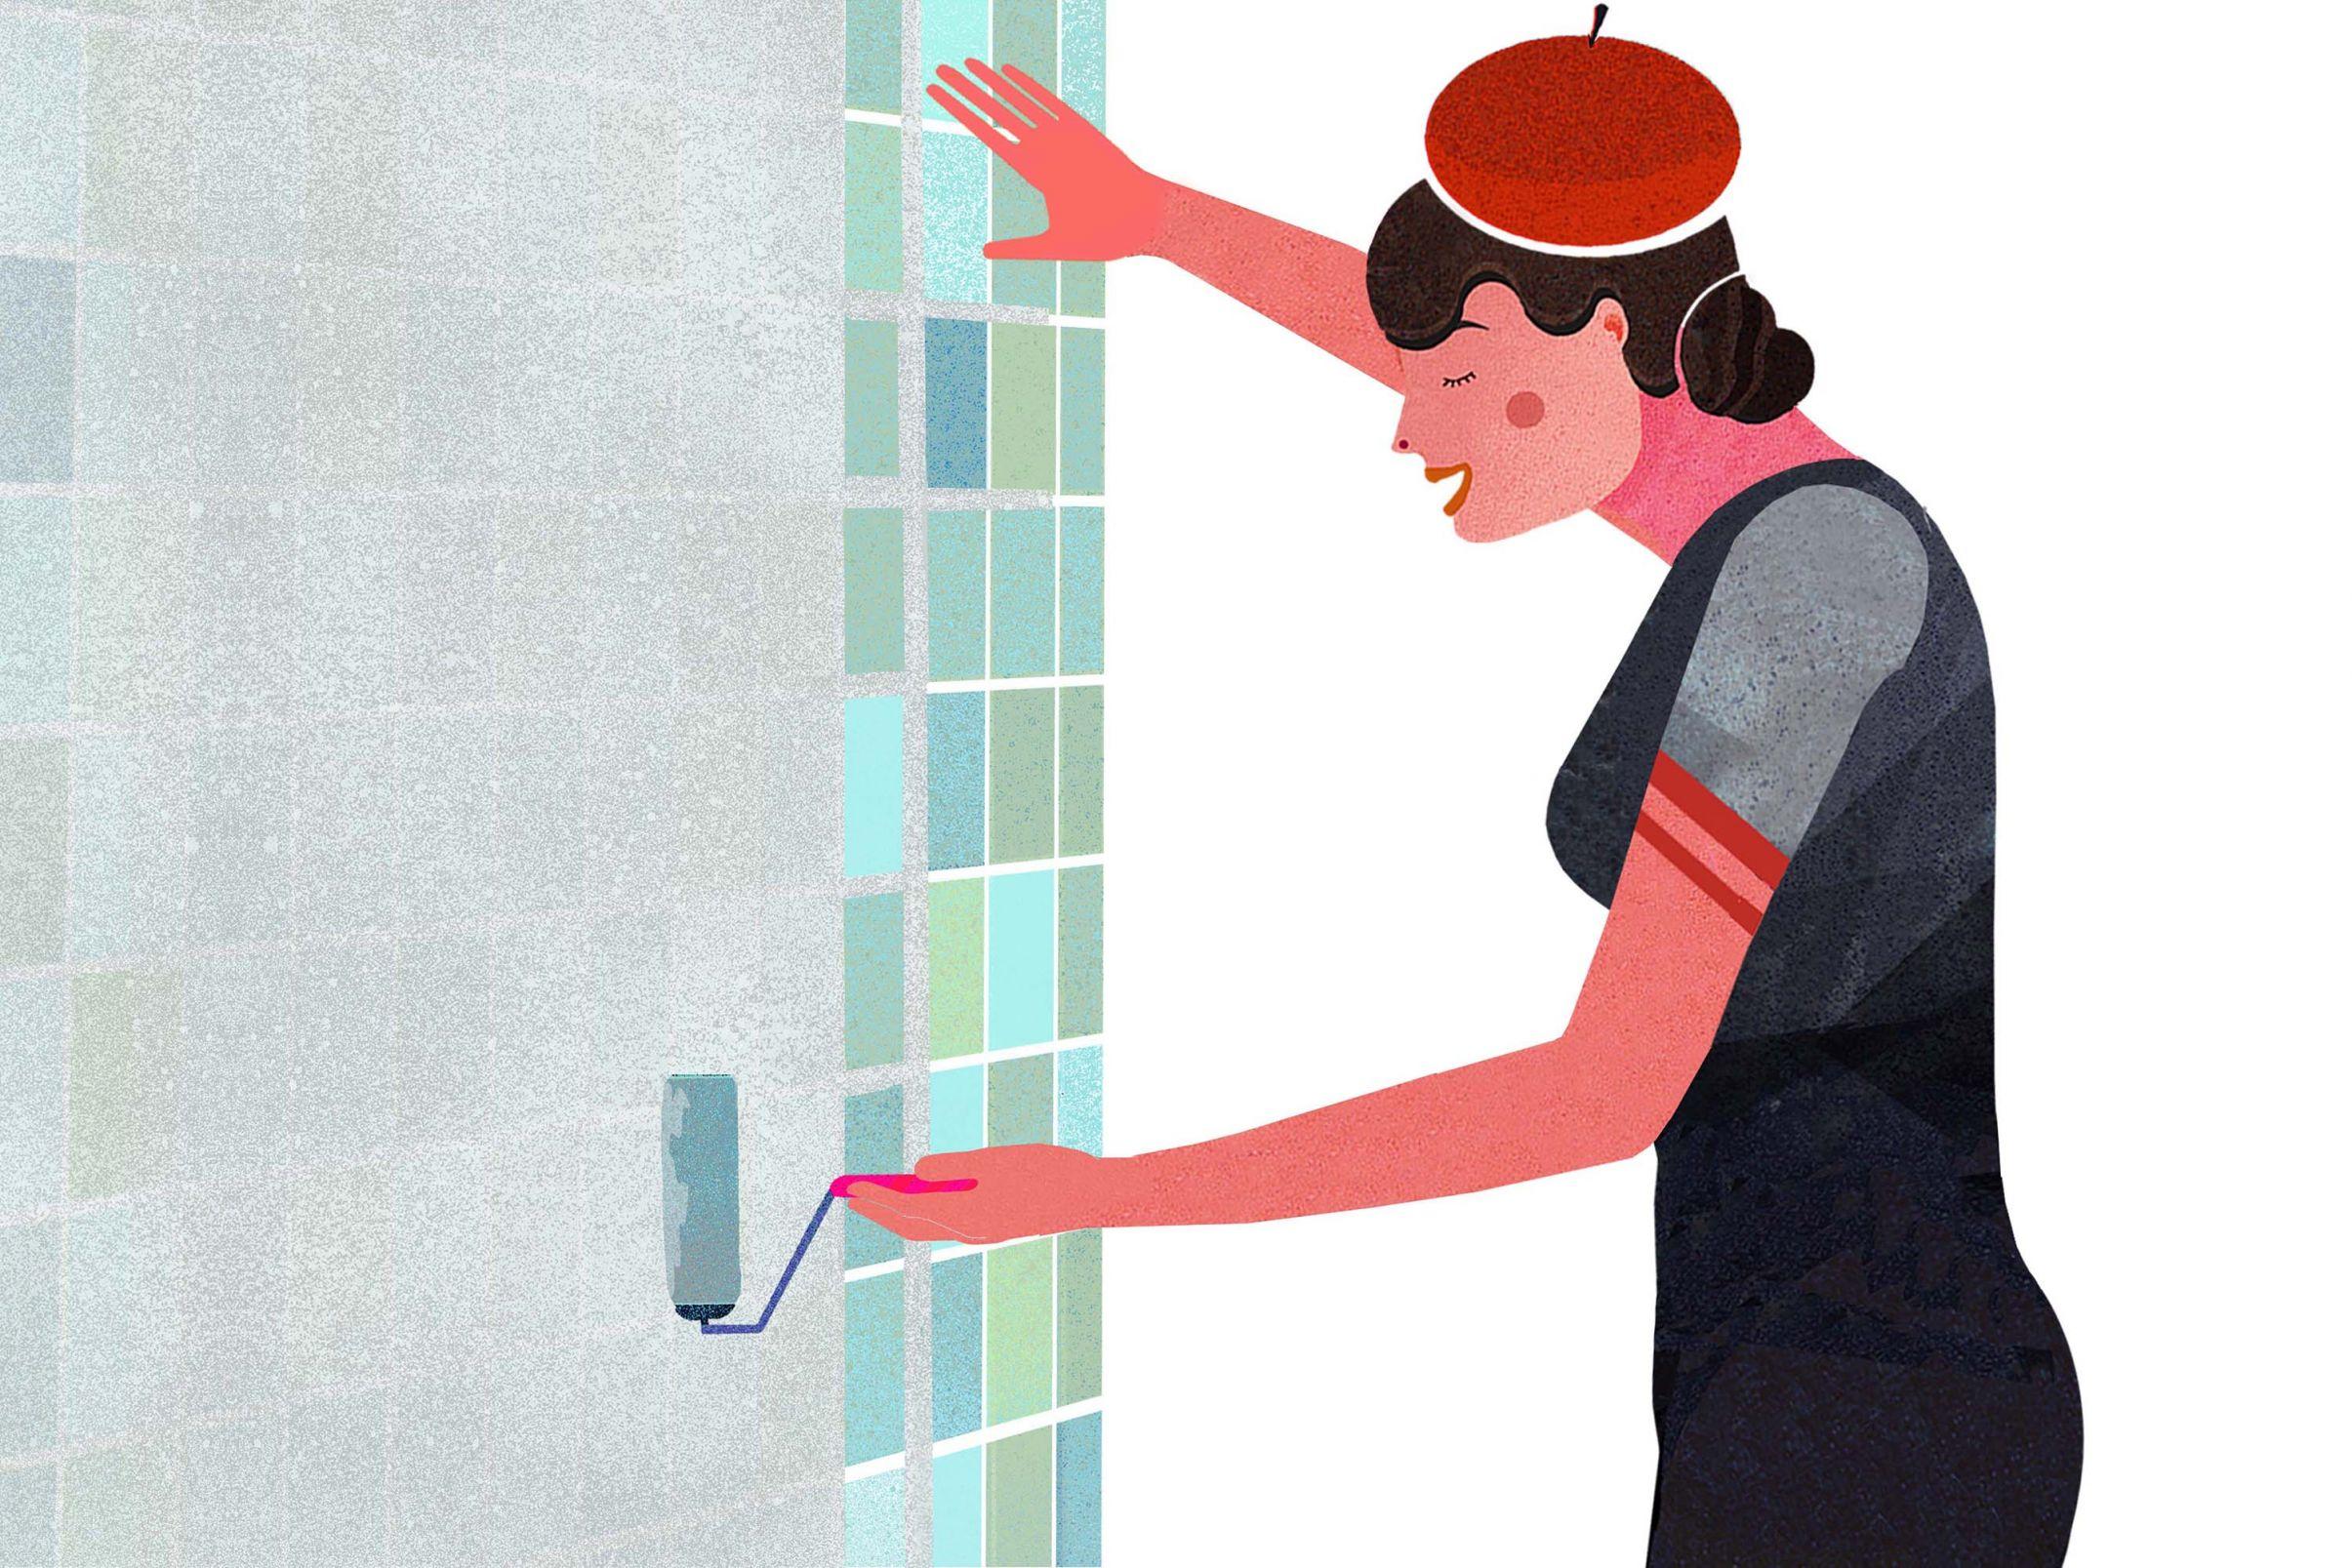 Comment-tapisser-dans-les-salles-de-bains-Appliquer-le-fond-penetrant-deux-fois-puis-appliquer-le-papier-d-appret